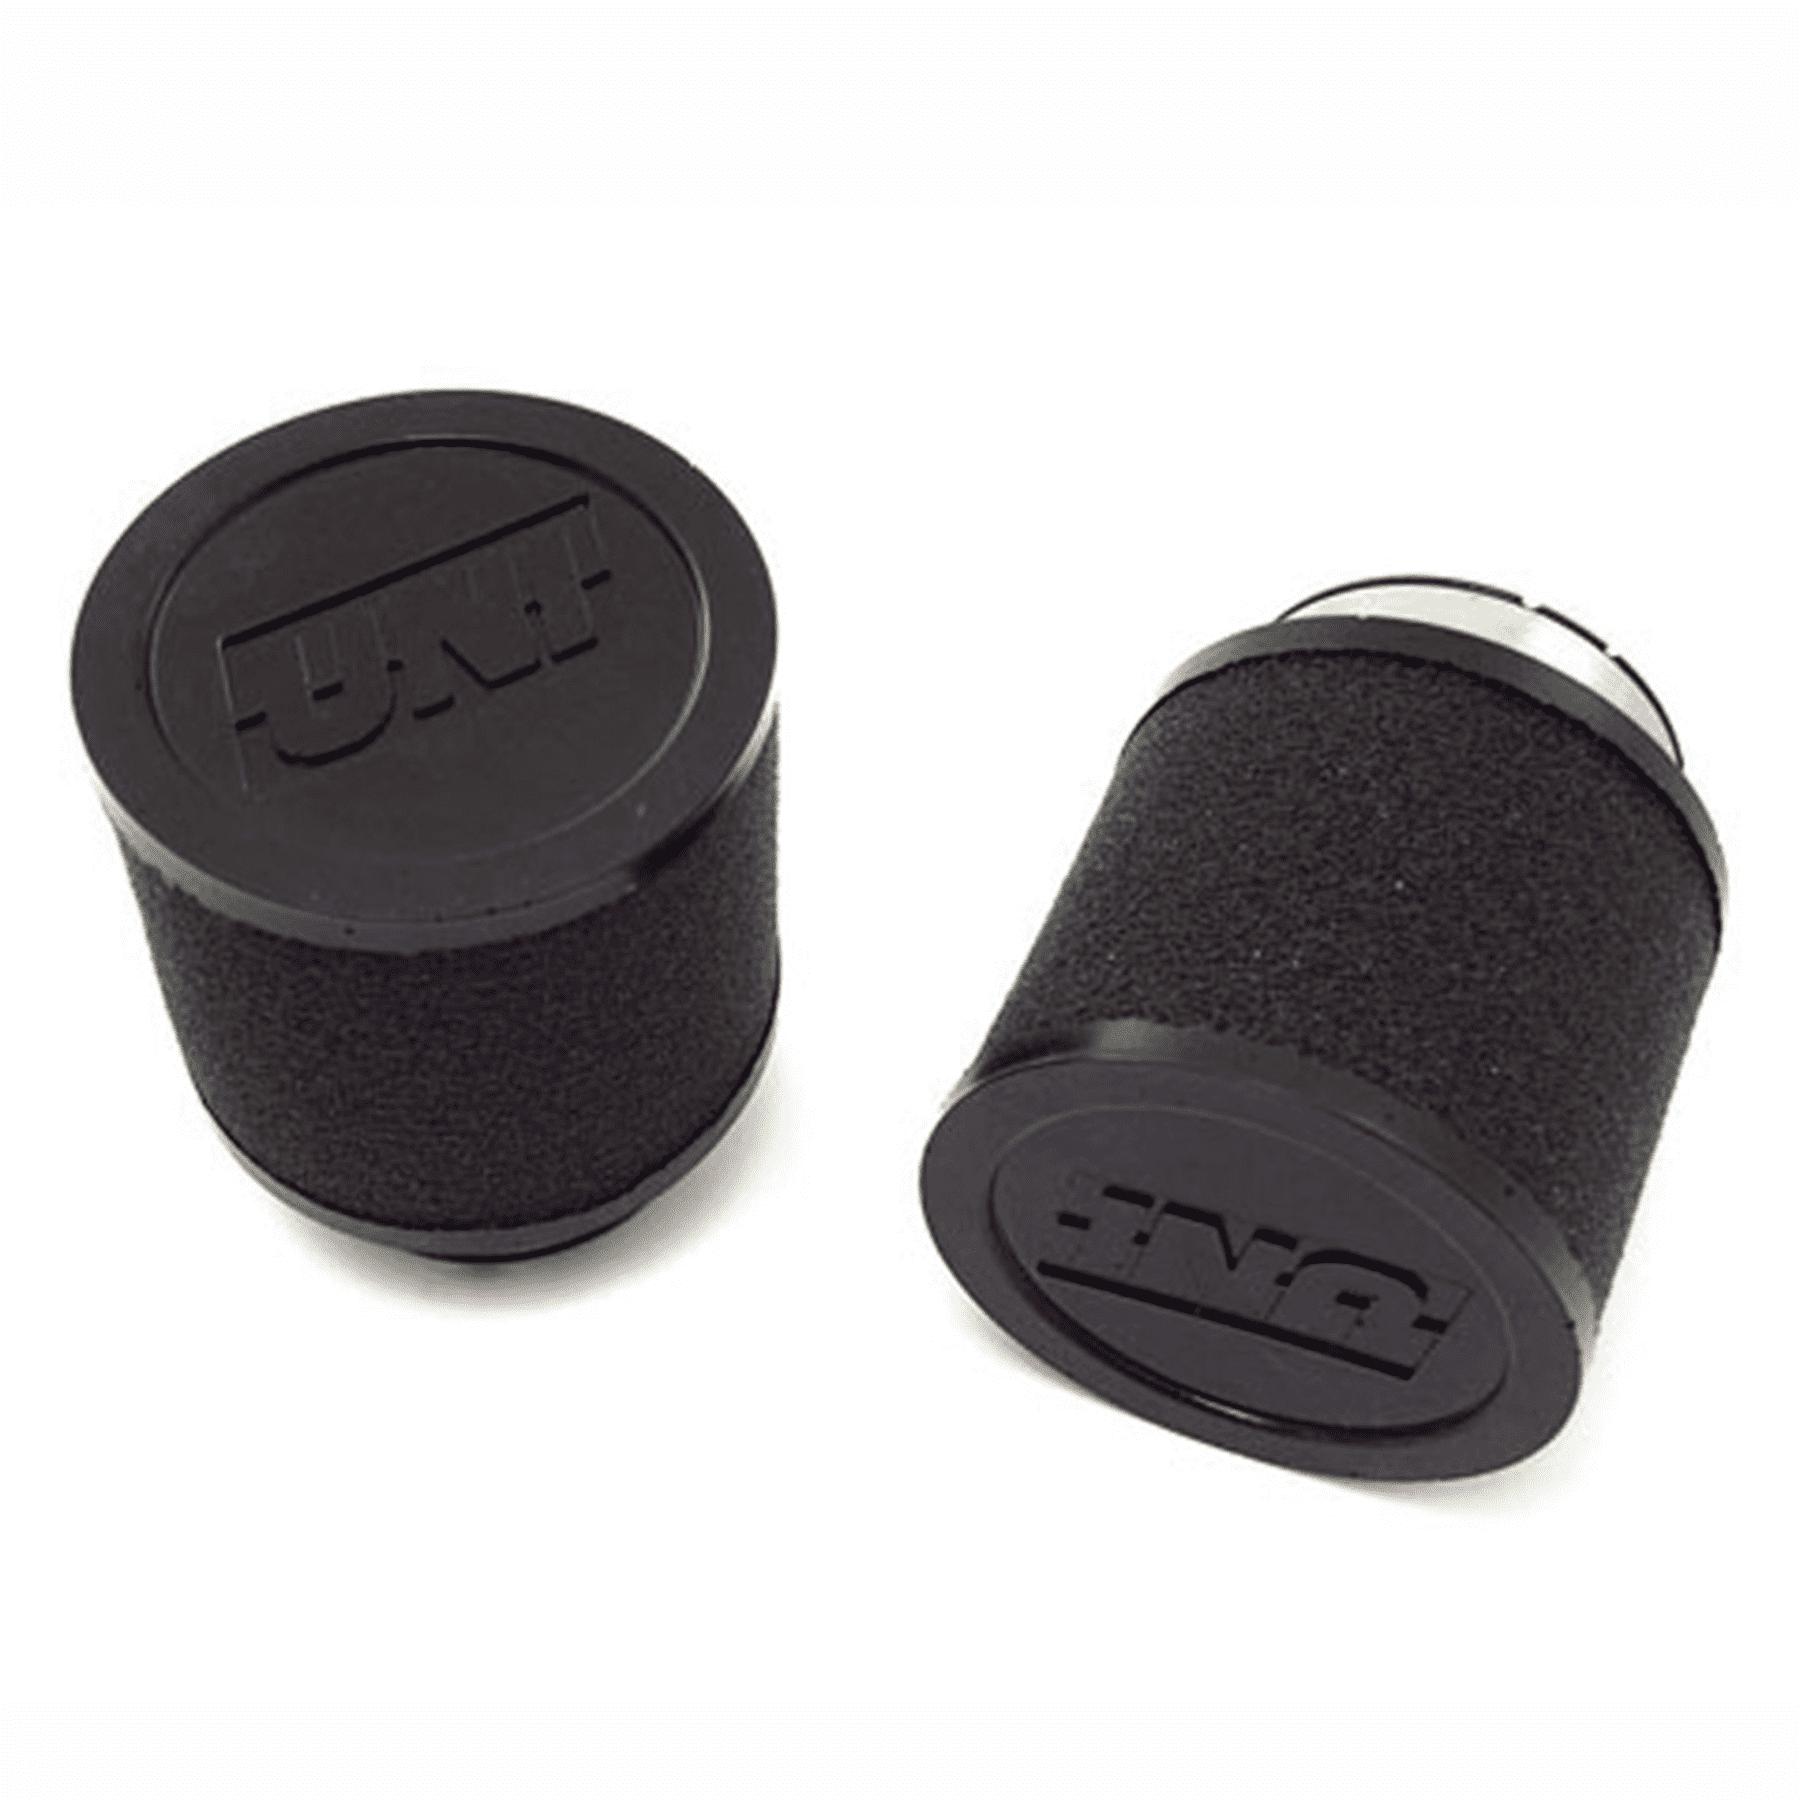 UNI BLACK POD FILTER KIT 1 1/4- 1 1/2 IN. (35 - 38MM)